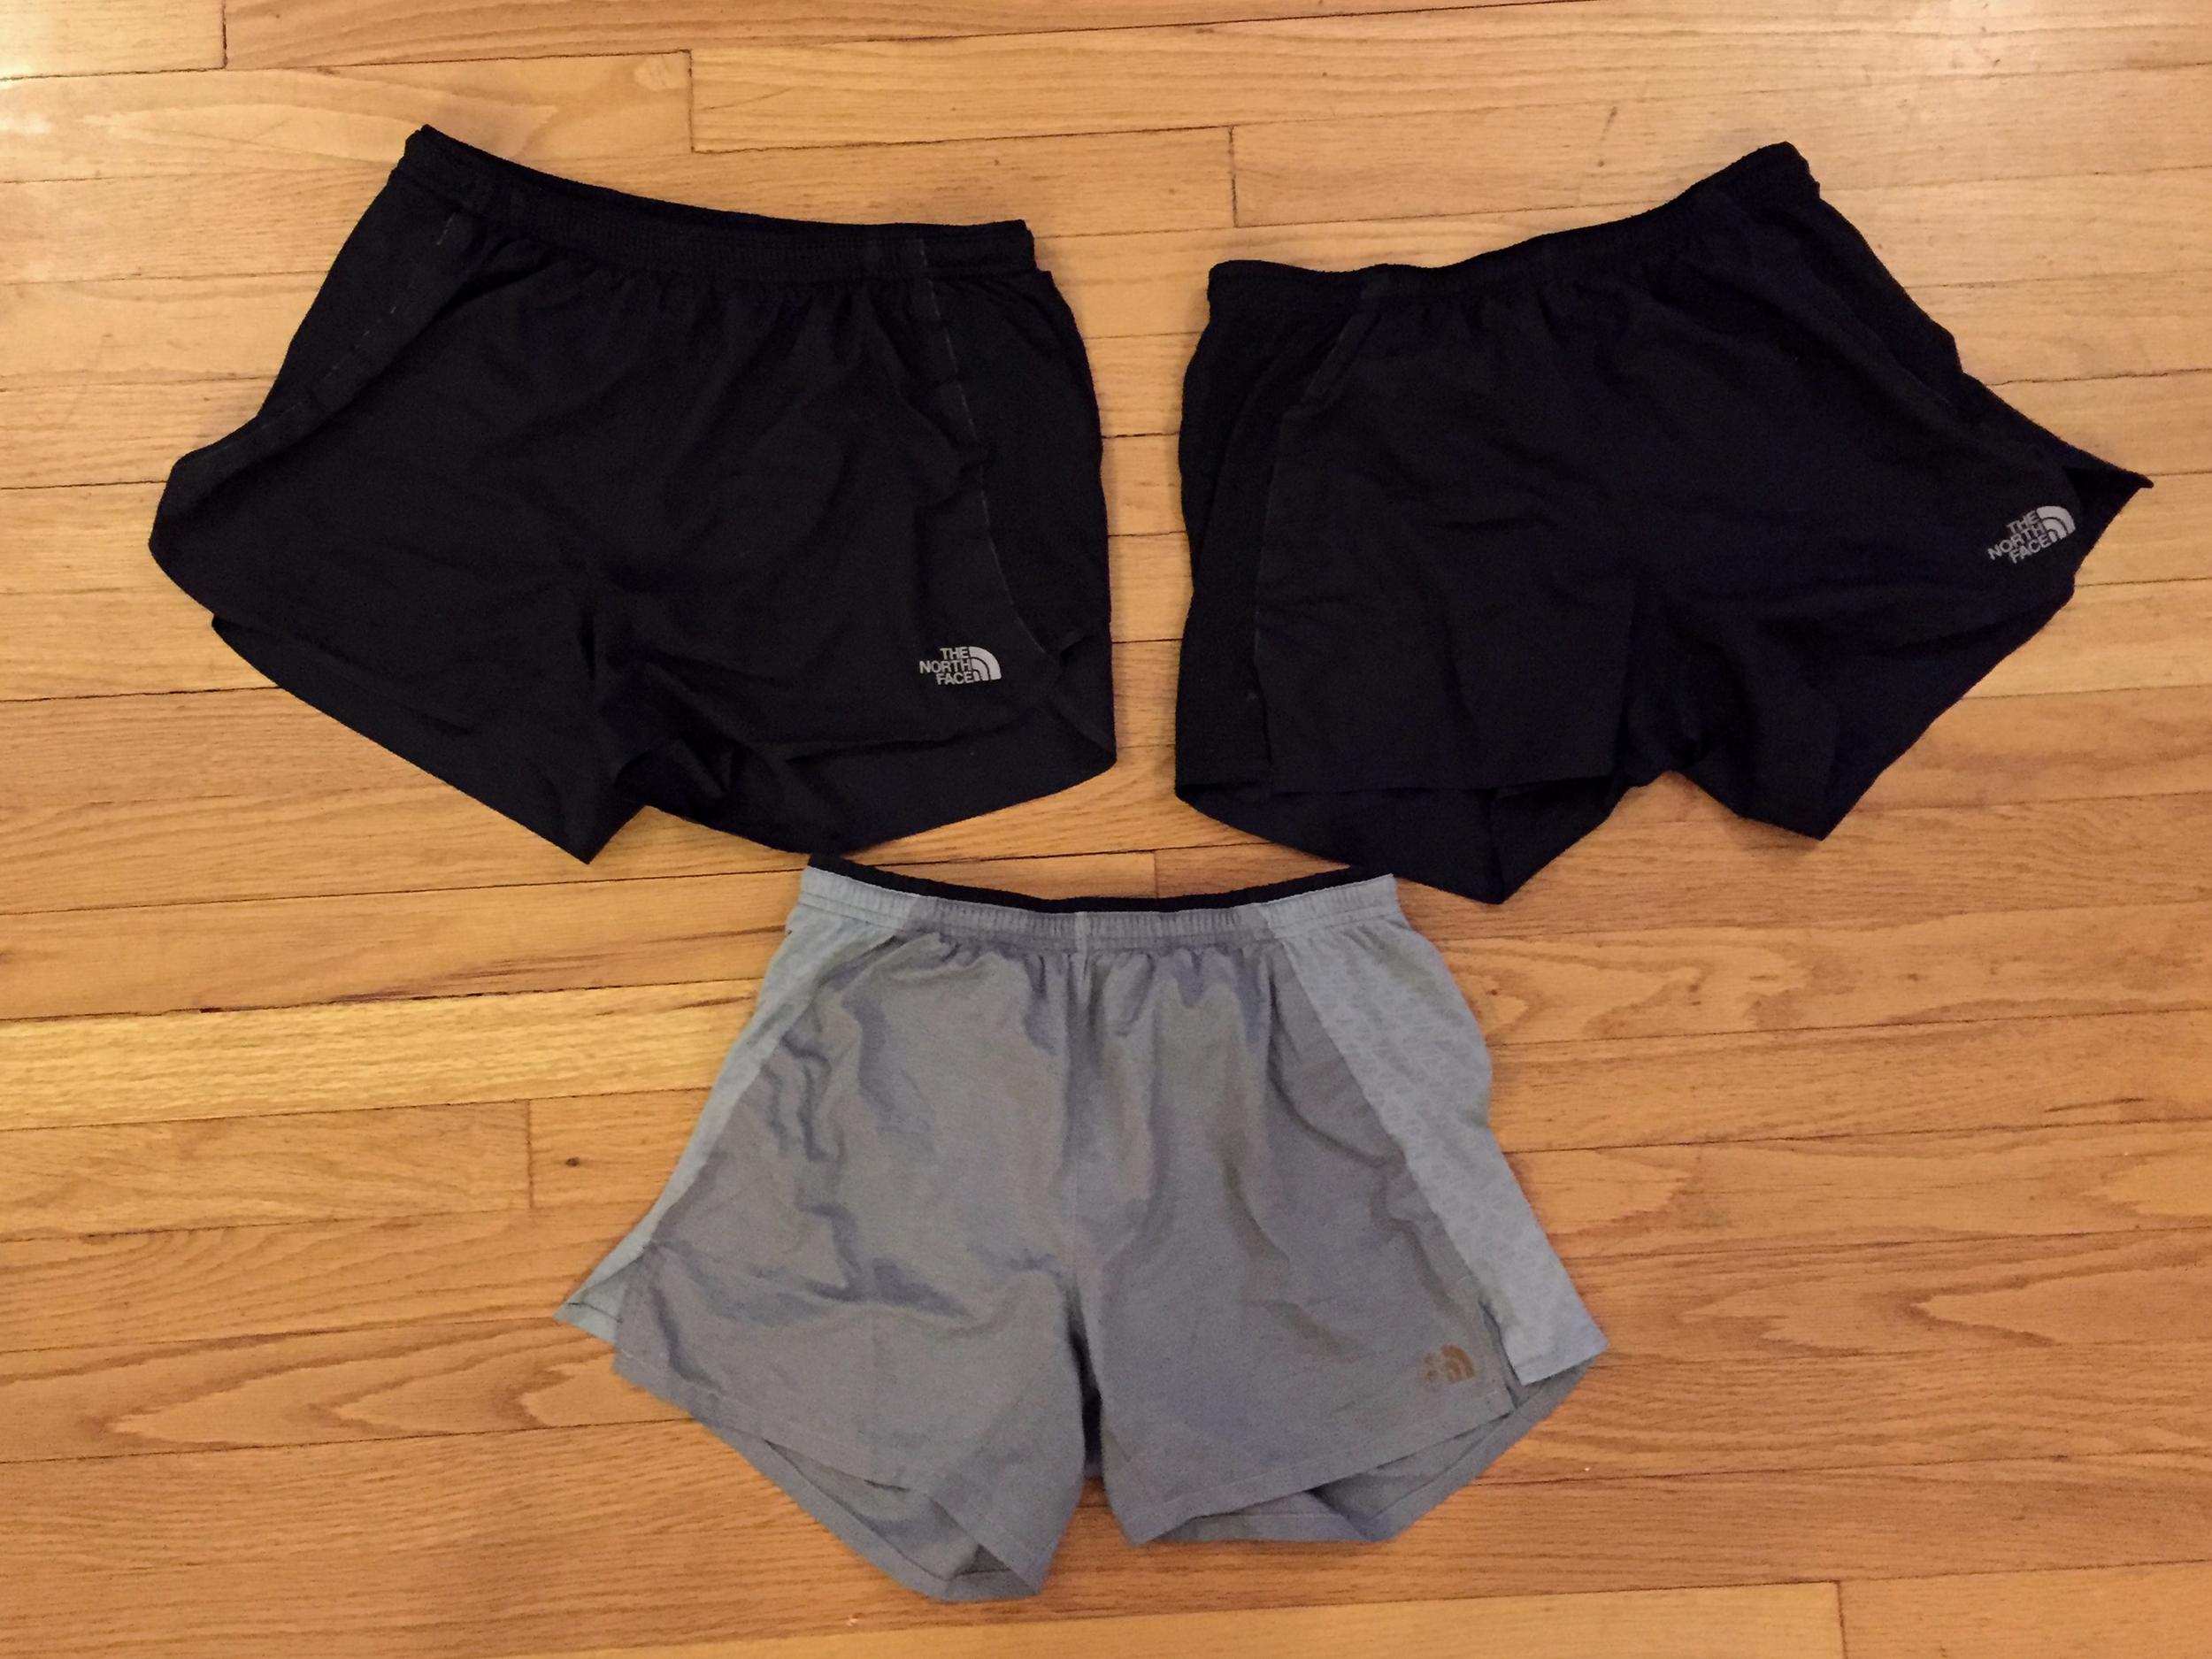 North Face Flight Series Running Shorts